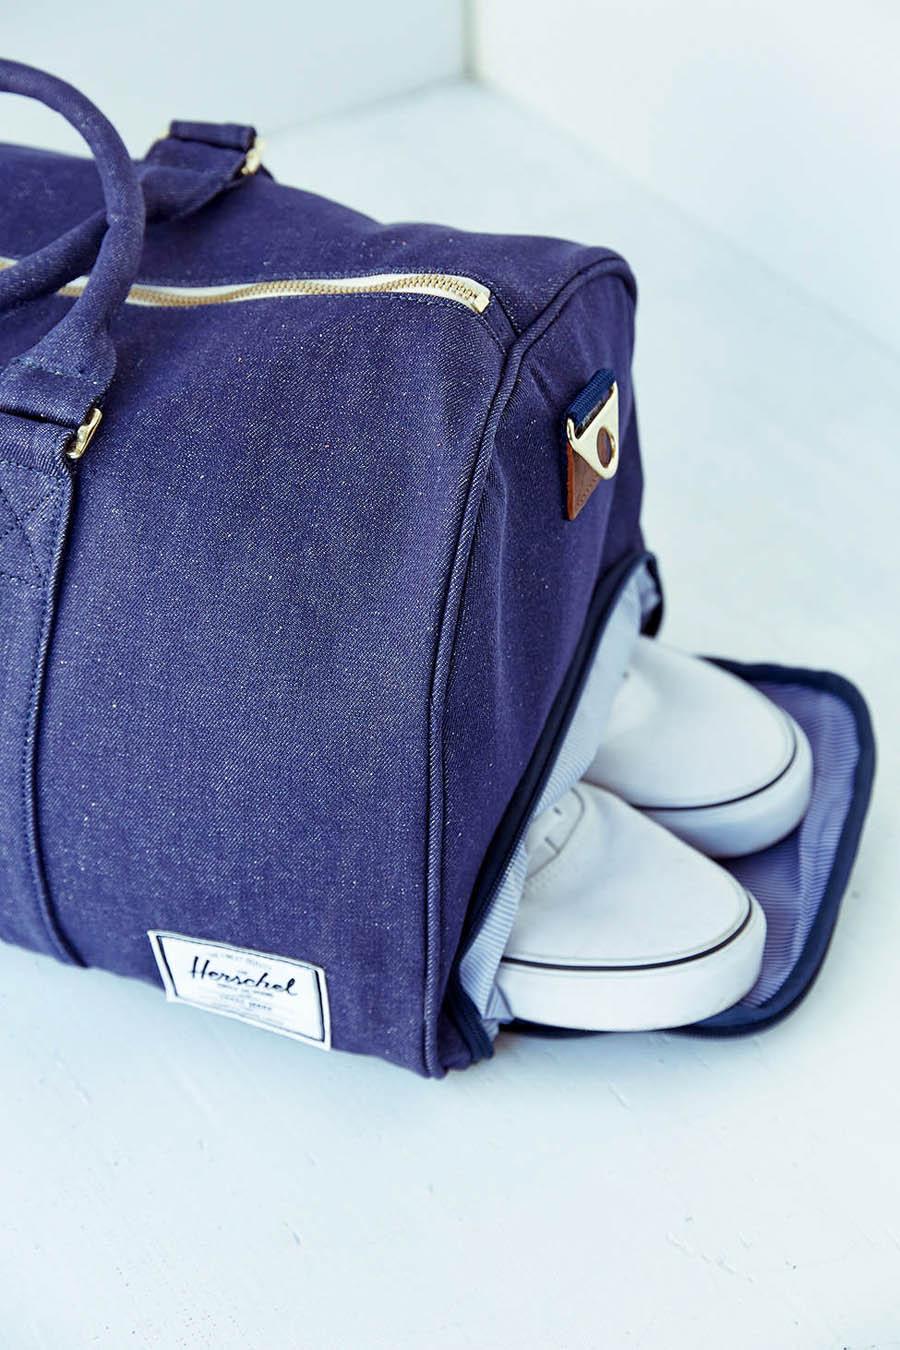 Herschel Denim Weekender Bag